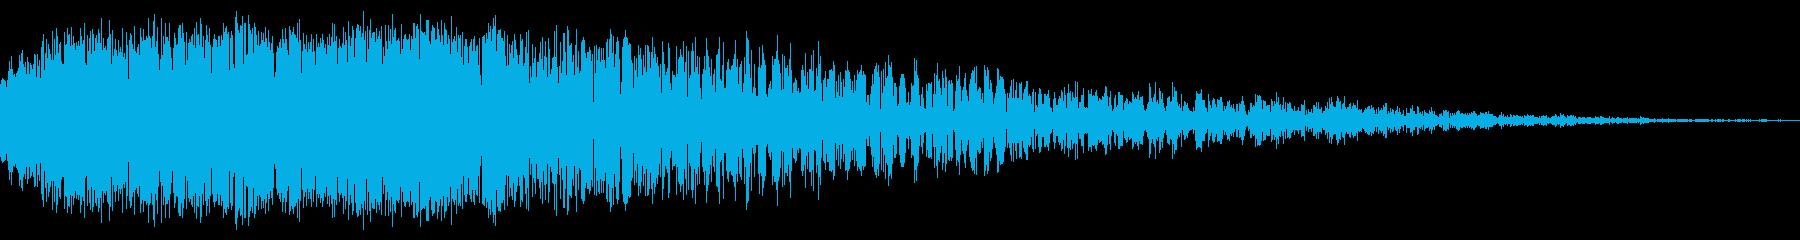 金物、キーン、カキーン、001の再生済みの波形